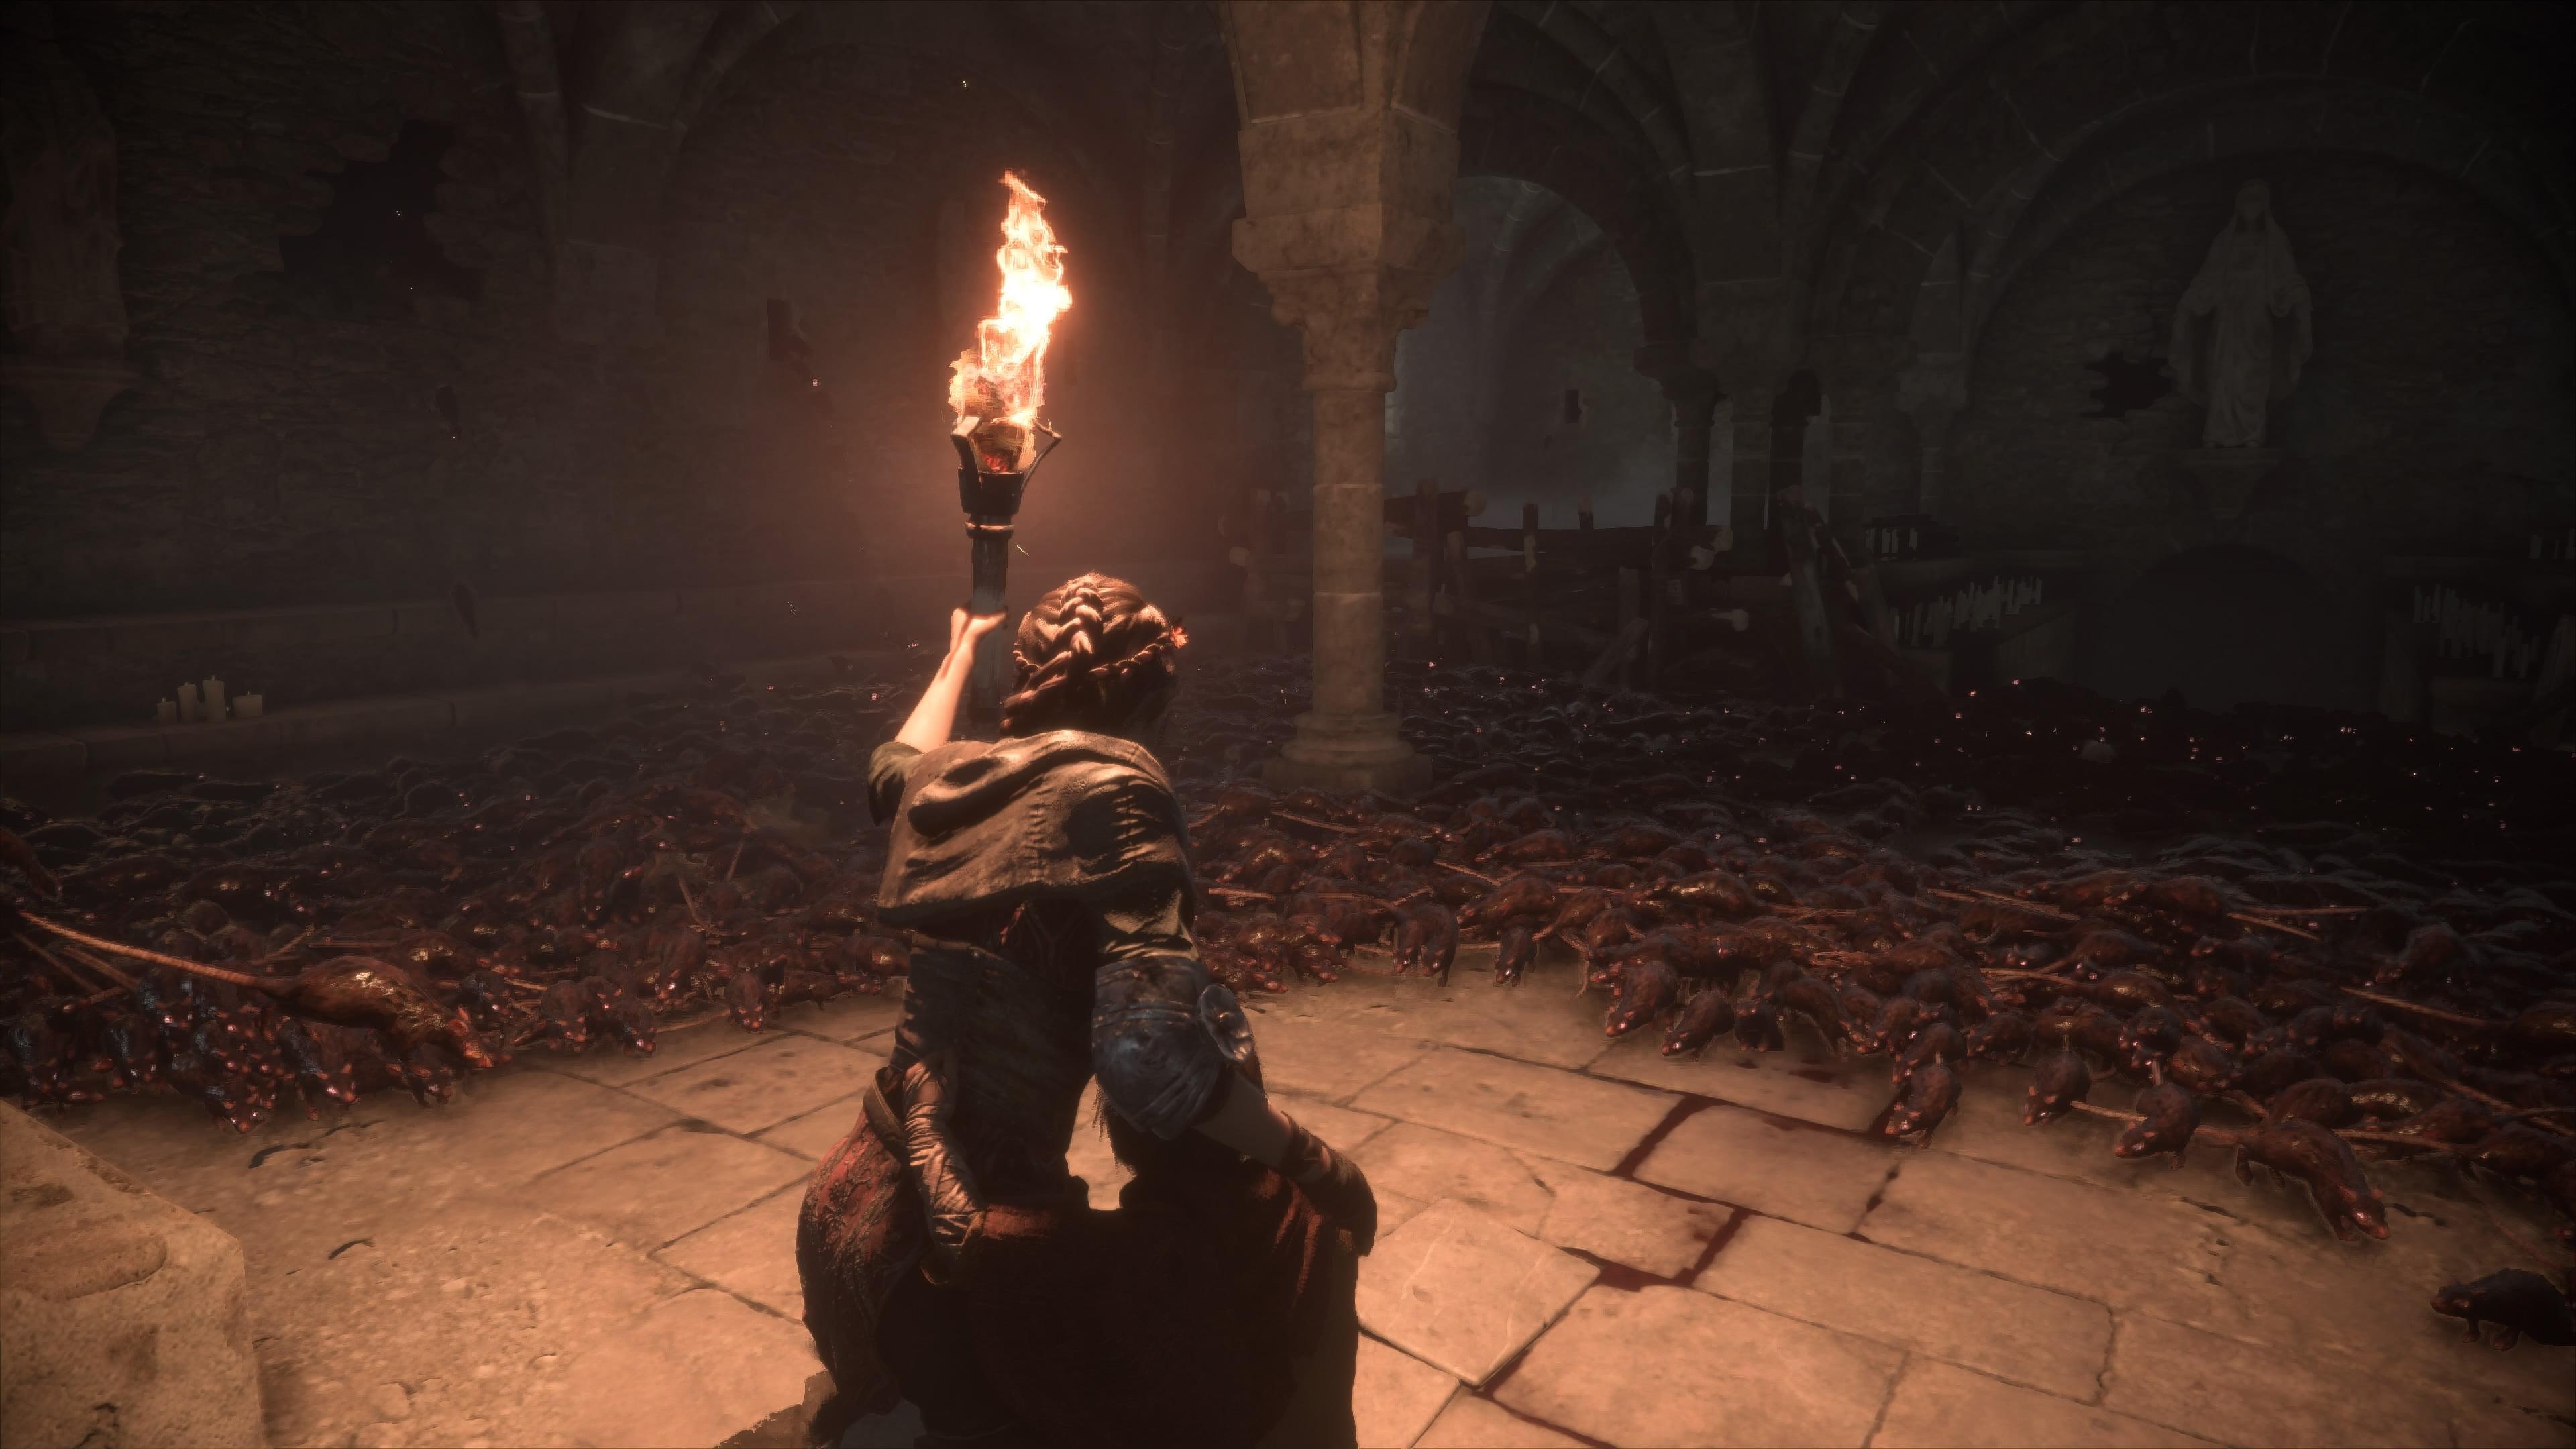 نگاهی به جوانب بصری و فنی بازی A Plague Tale: Innocence